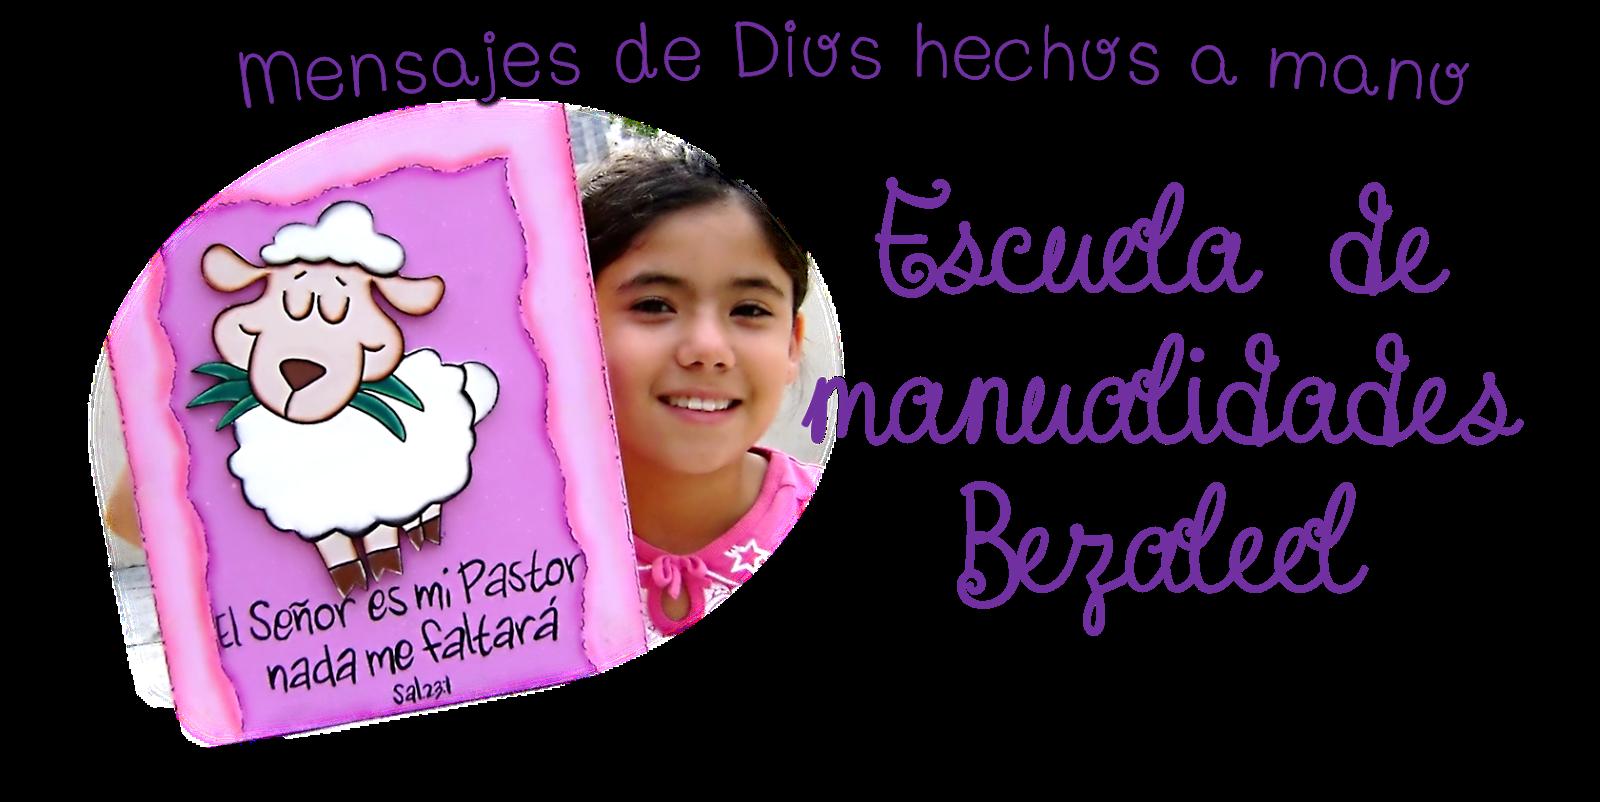 Escuela de Manualidades Bezaleel